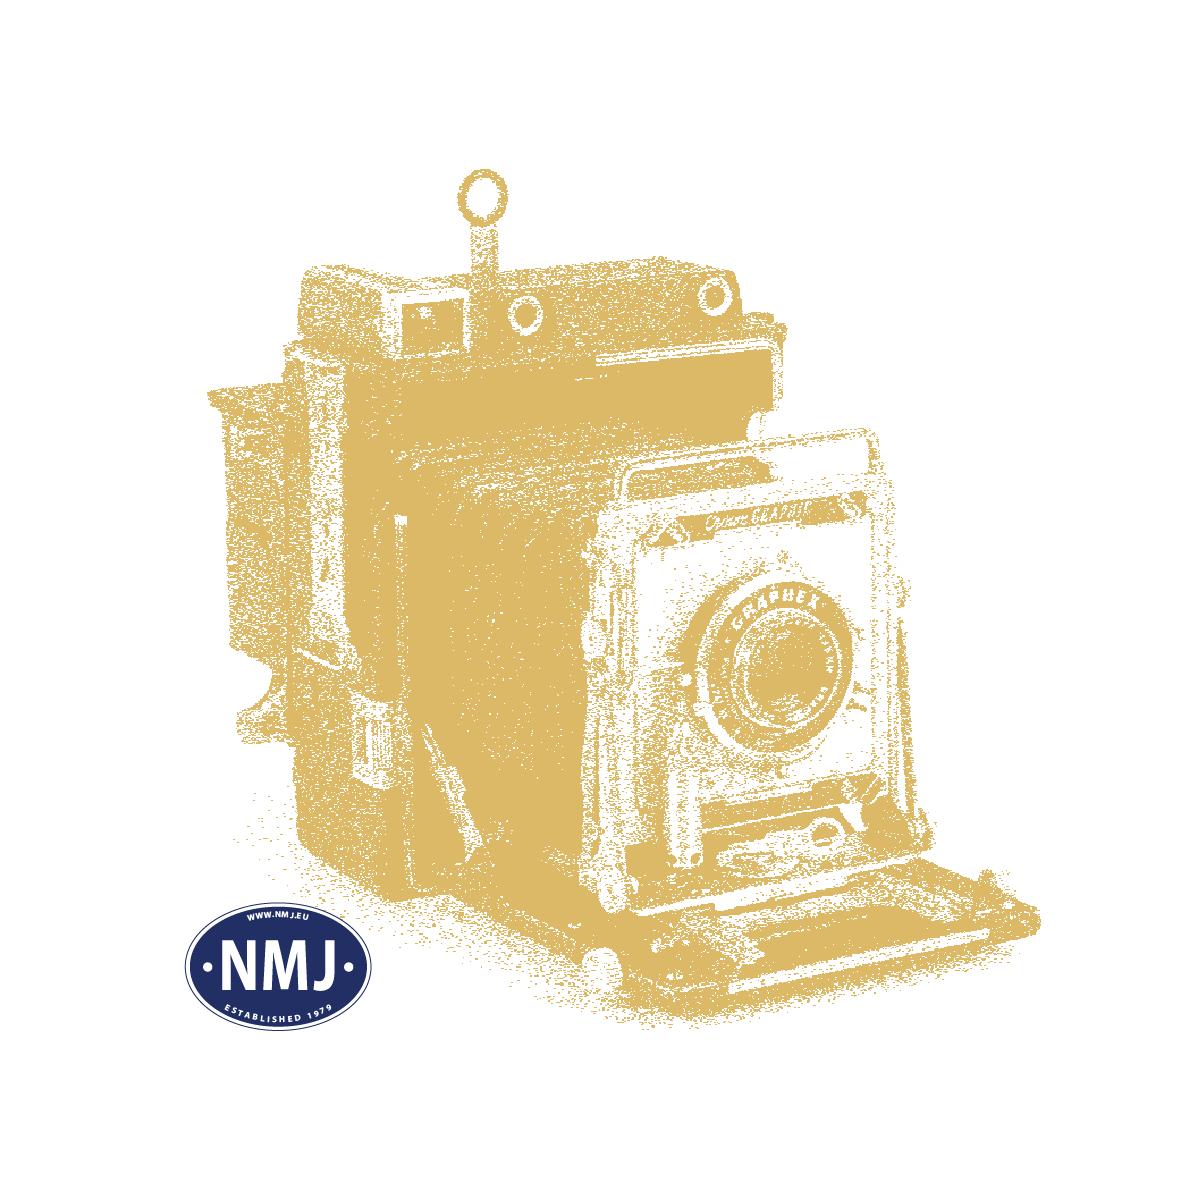 NMJT90013 - NMJ Topline NSB Di3a.614, alte Farbgebung, DC